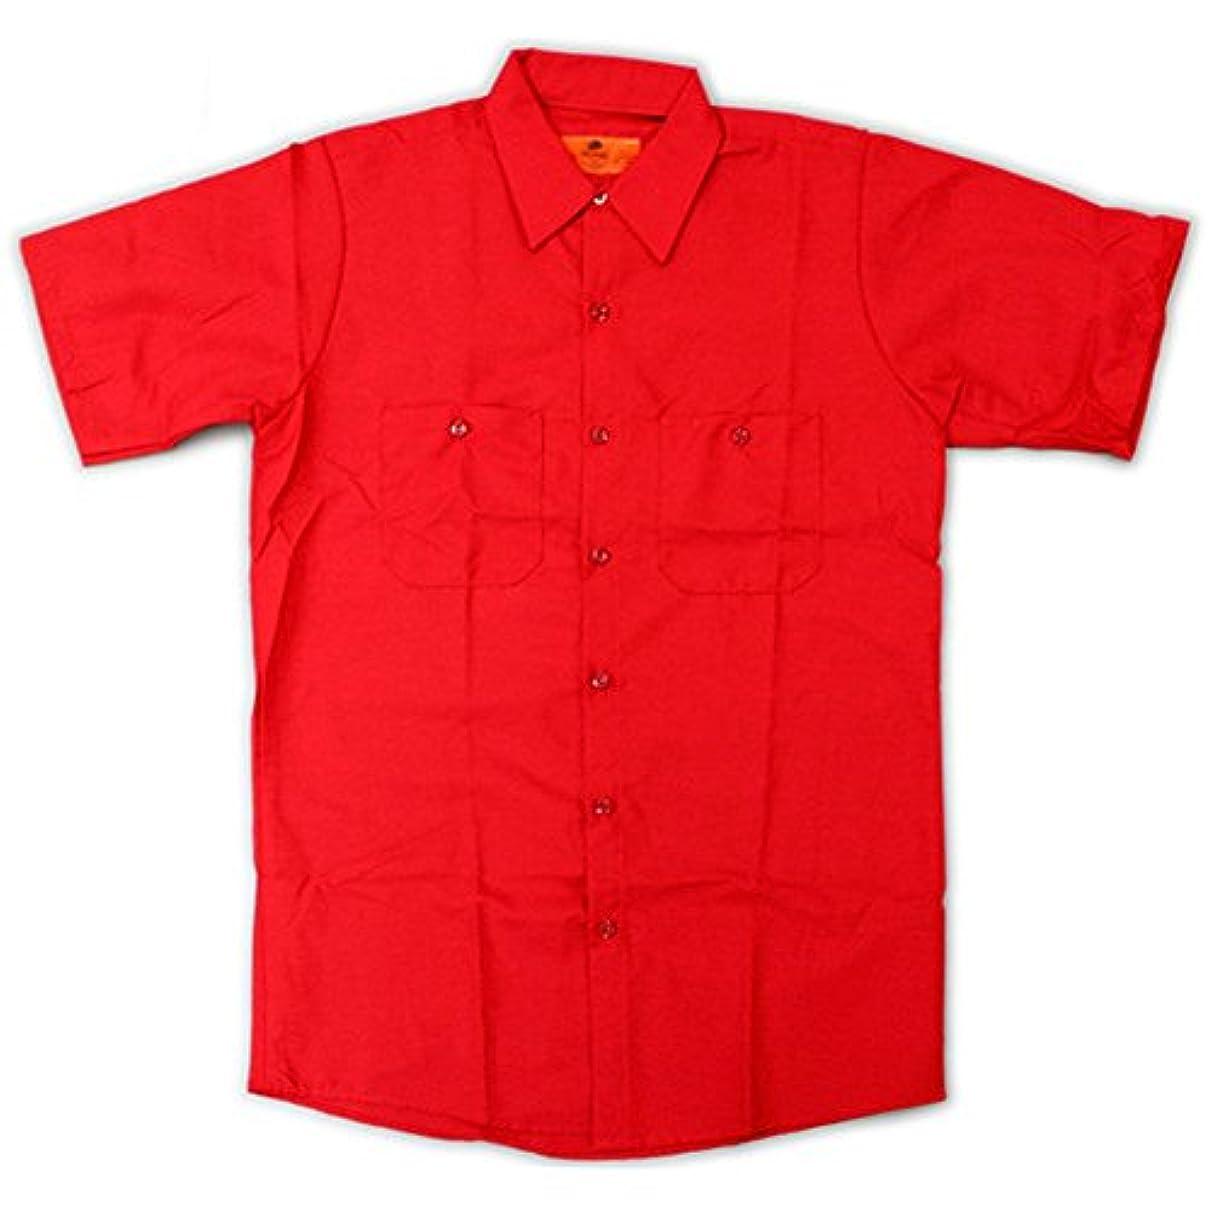 非常に怒っています行動クリエイティブRED KAP(レッドキャップ)/SHORT SLEEVE SOLID WORK SHIRTS(半袖ソリッドワークシャツ) L RD:レッド(Red)